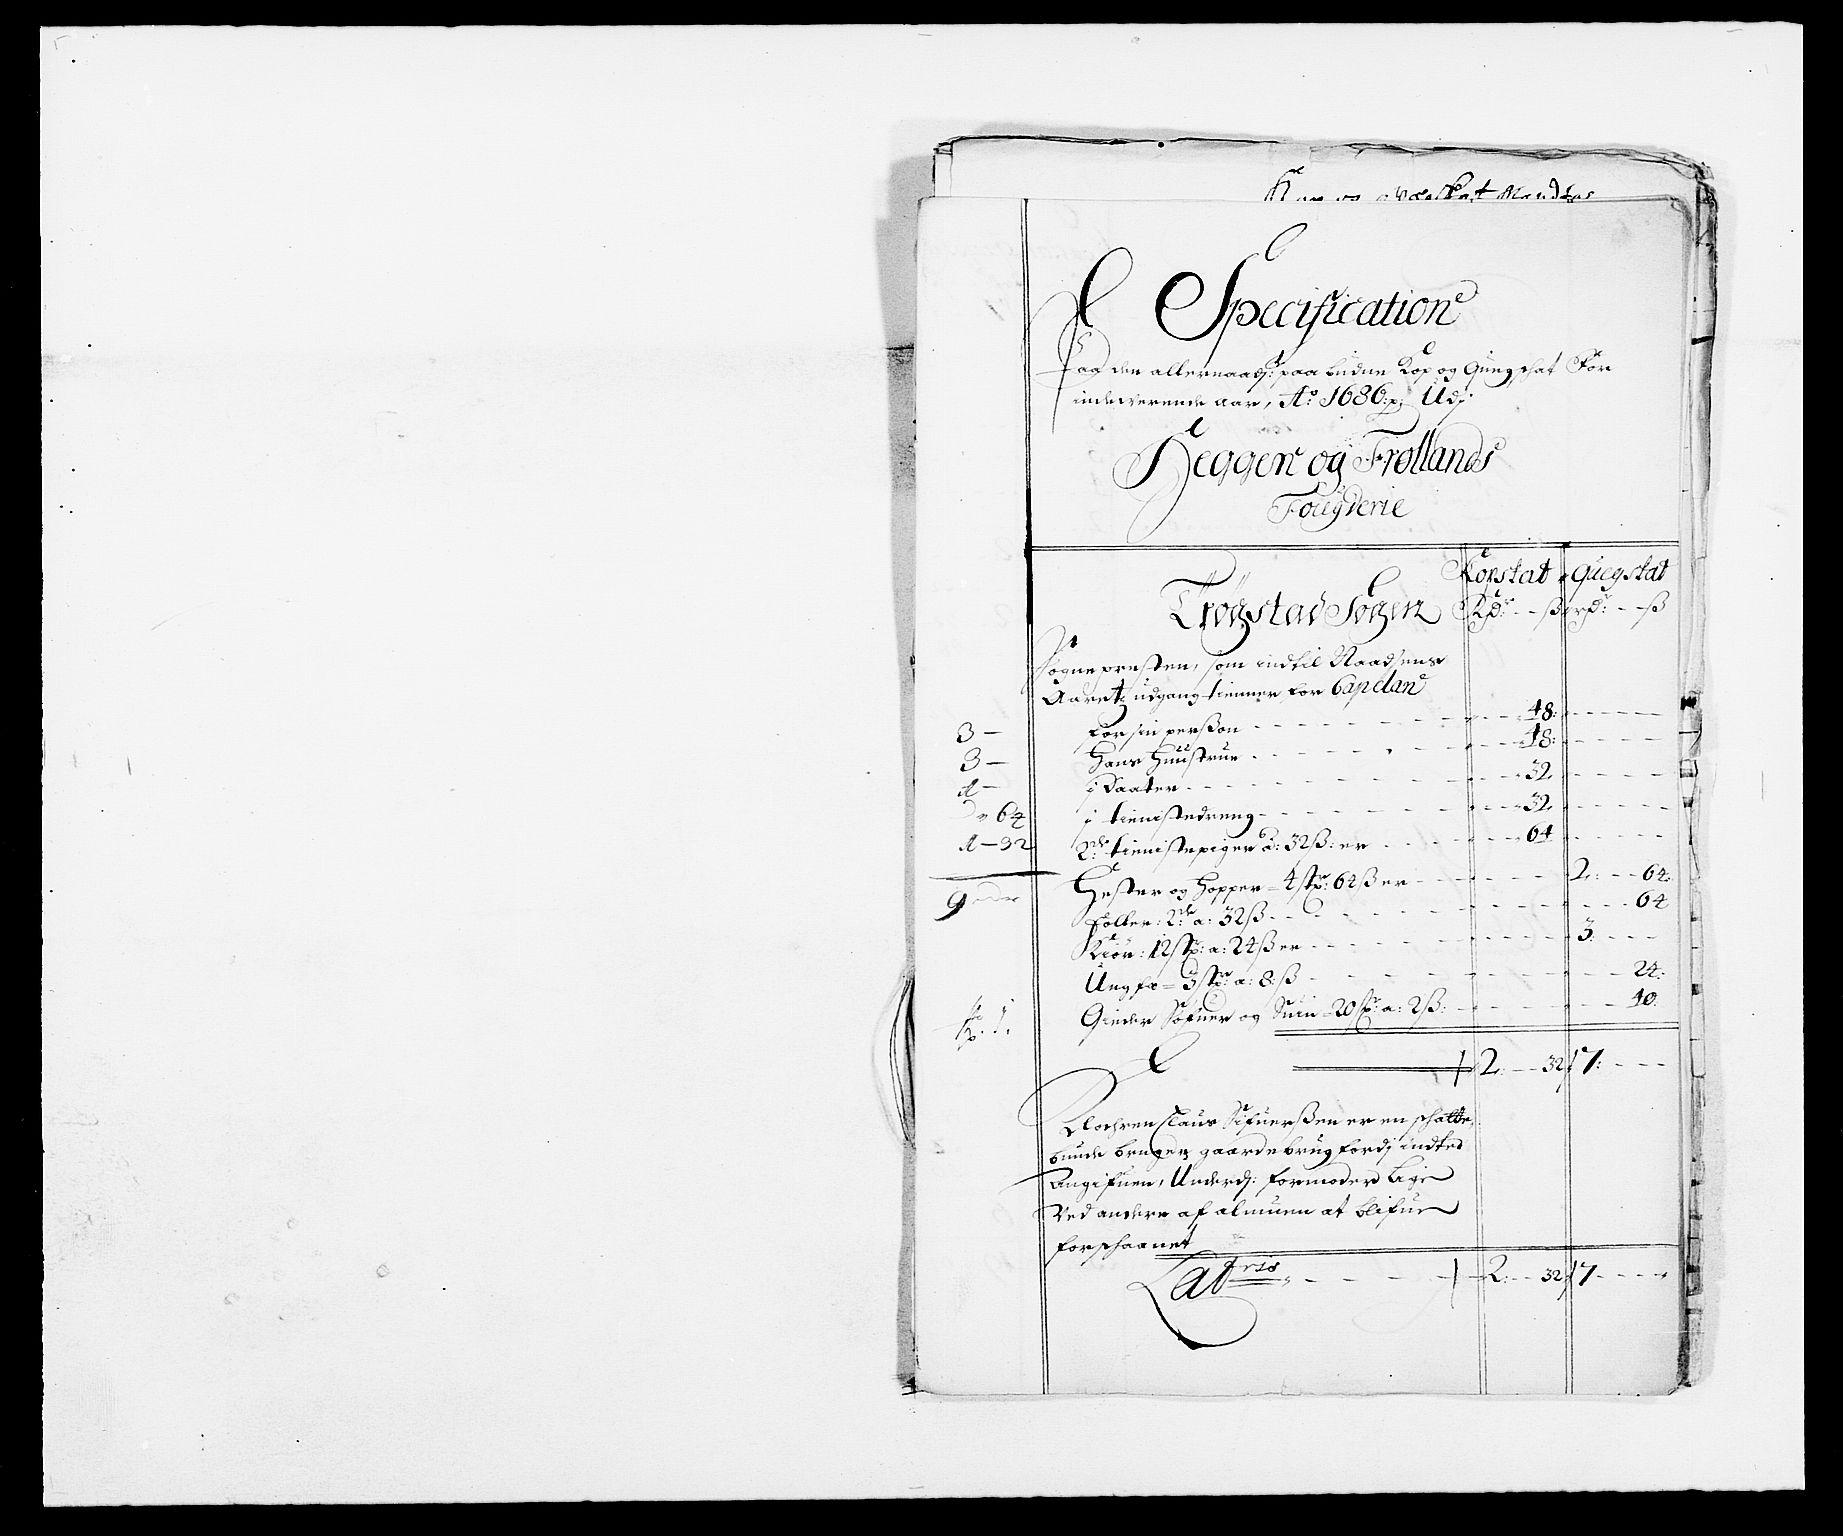 RA, Rentekammeret inntil 1814, Reviderte regnskaper, Fogderegnskap, R06/L0281: Fogderegnskap Heggen og Frøland, 1678-1686, s. 112